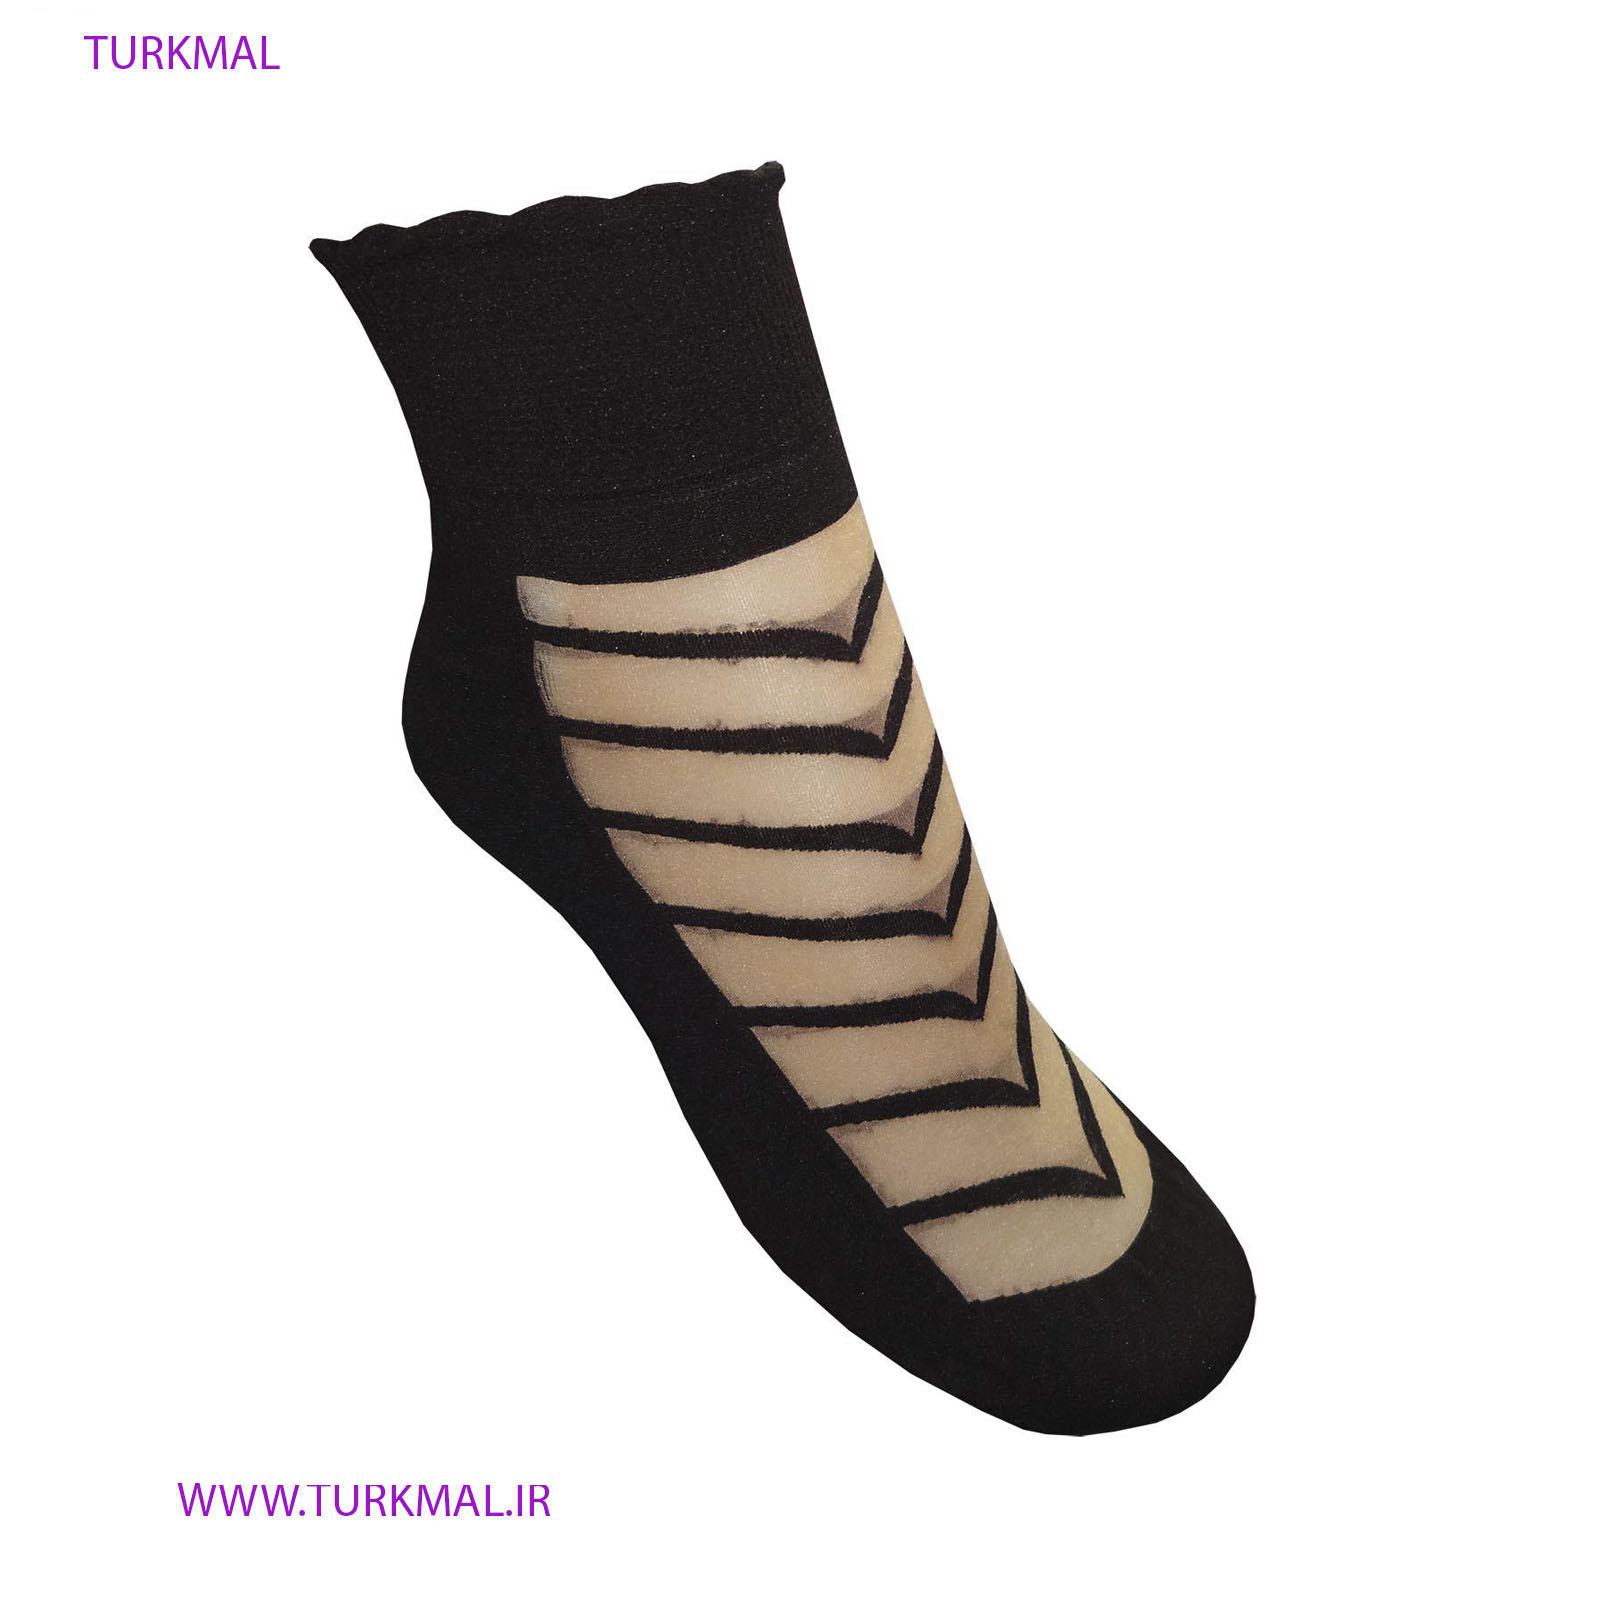 جوراب زنانه مدل BLACK